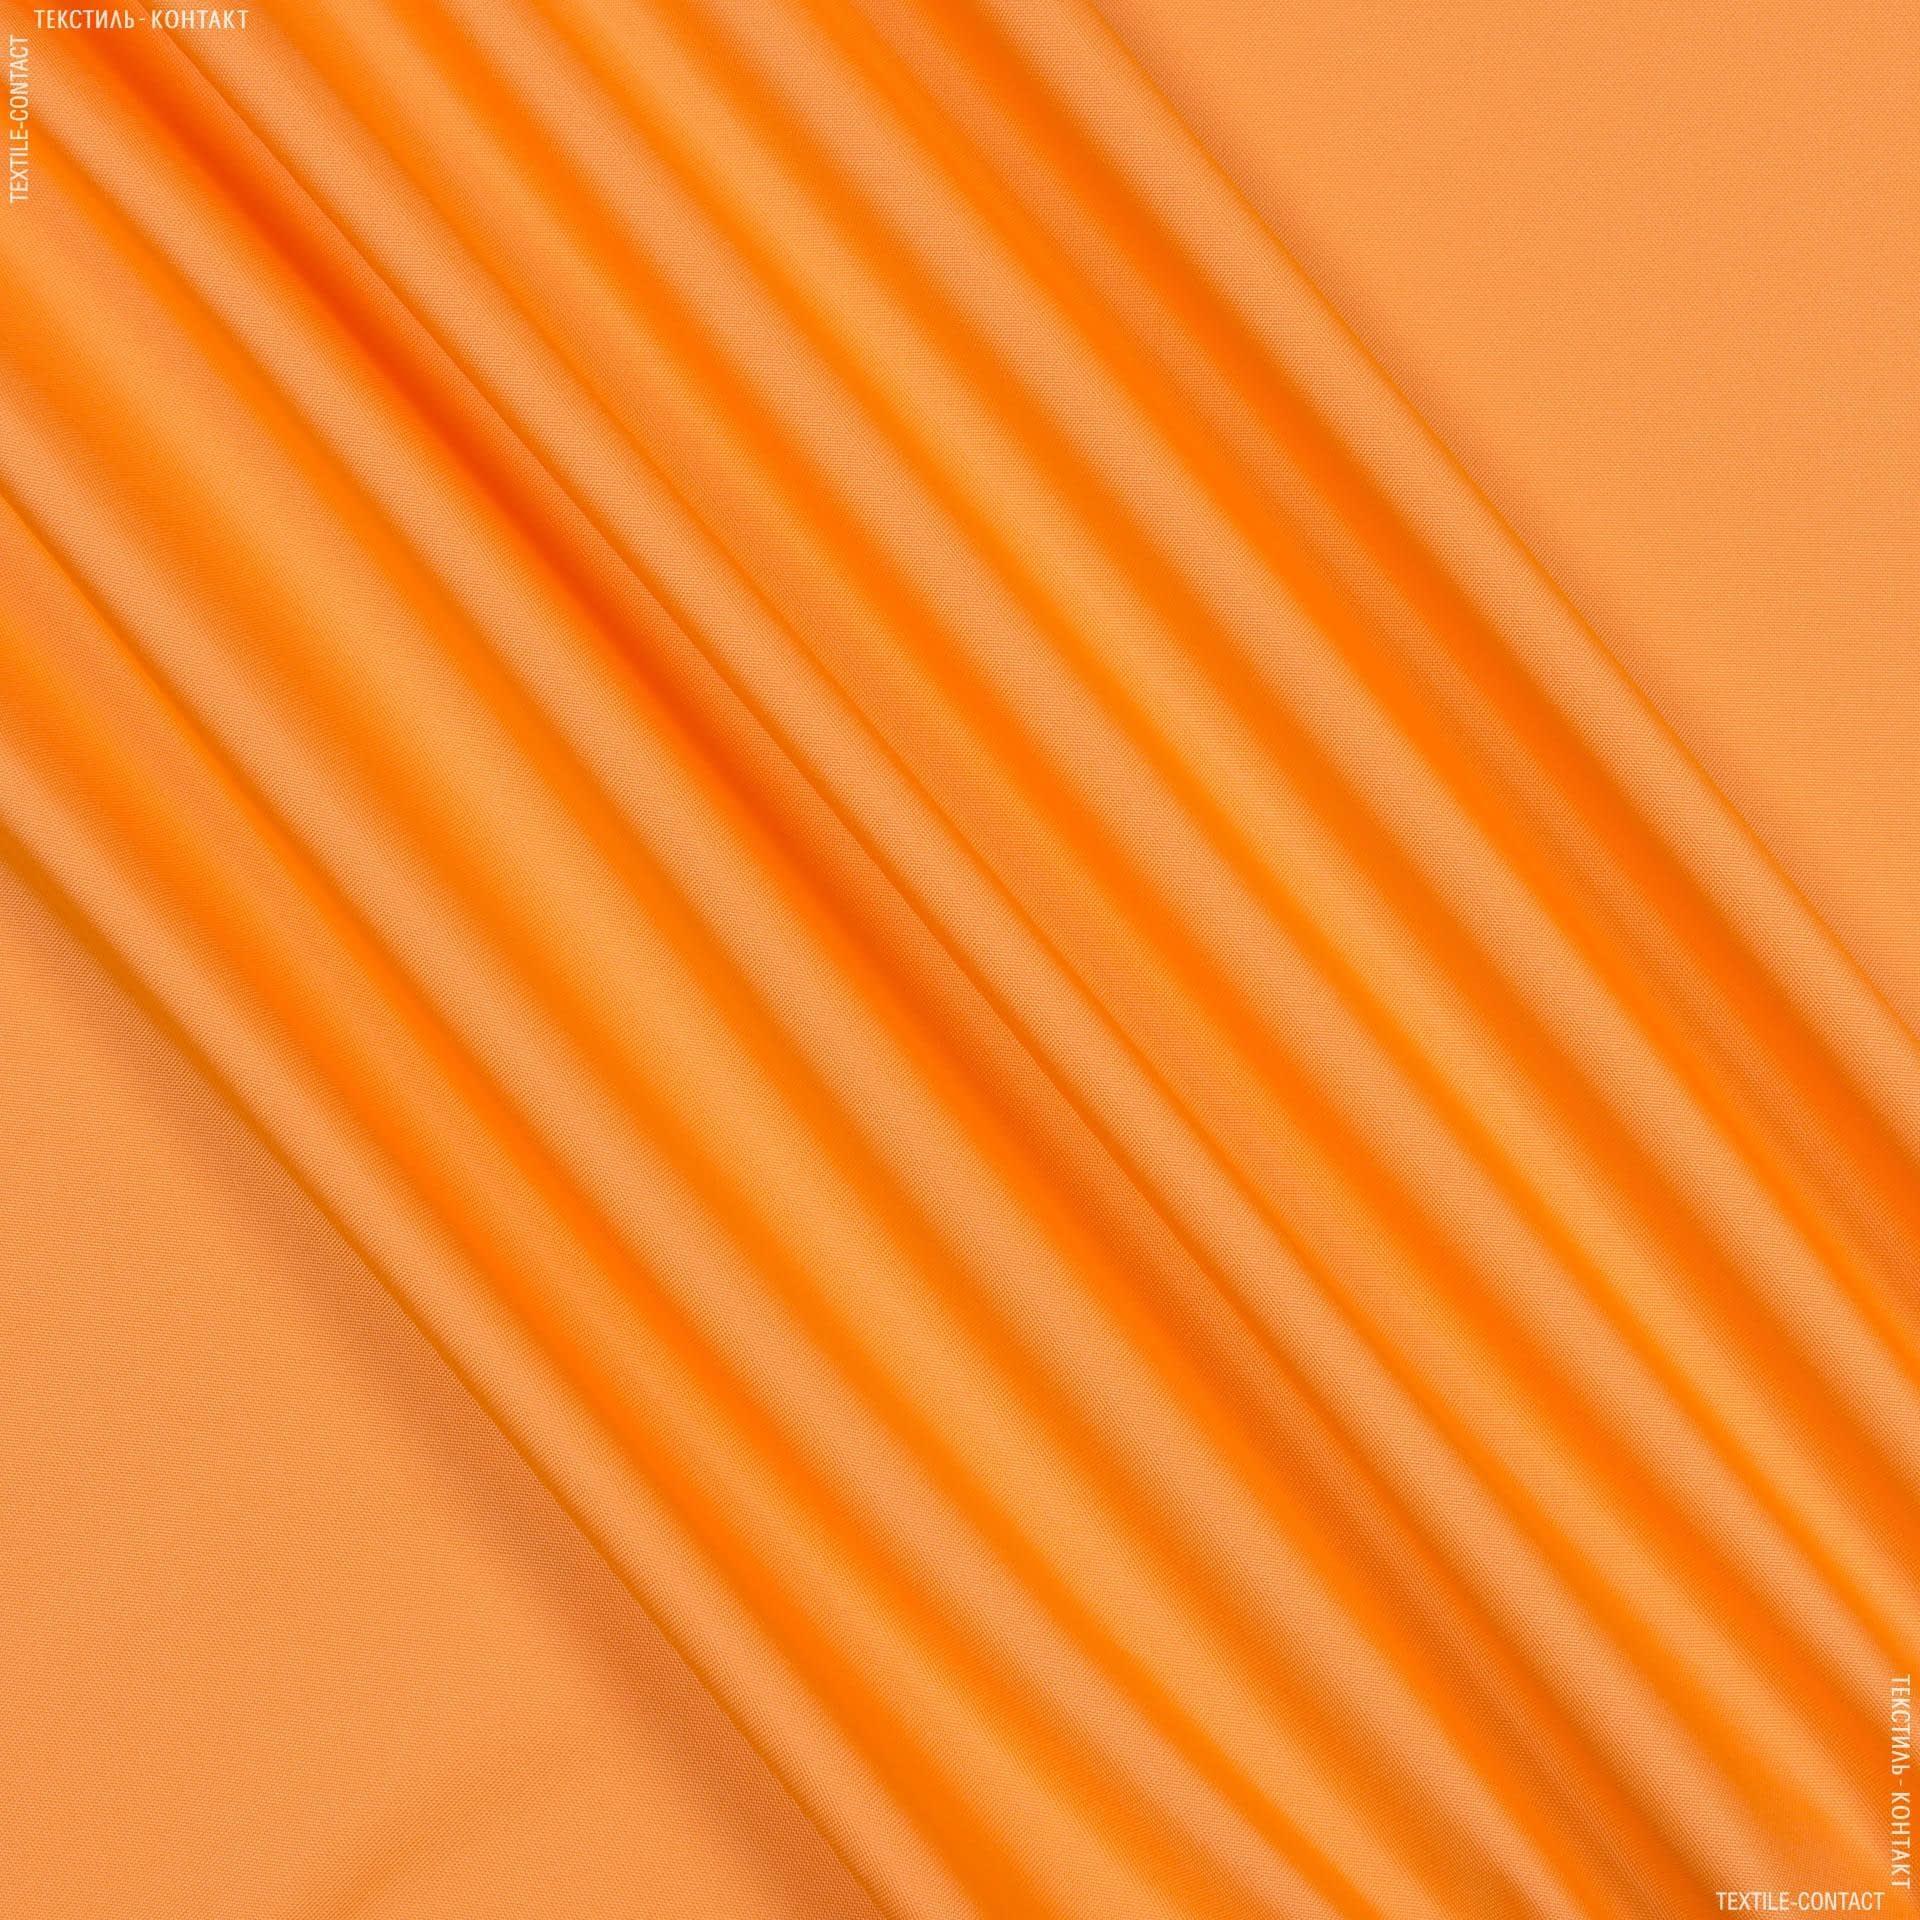 Ткани для палаток - Оксфорд-215 абрикосовый